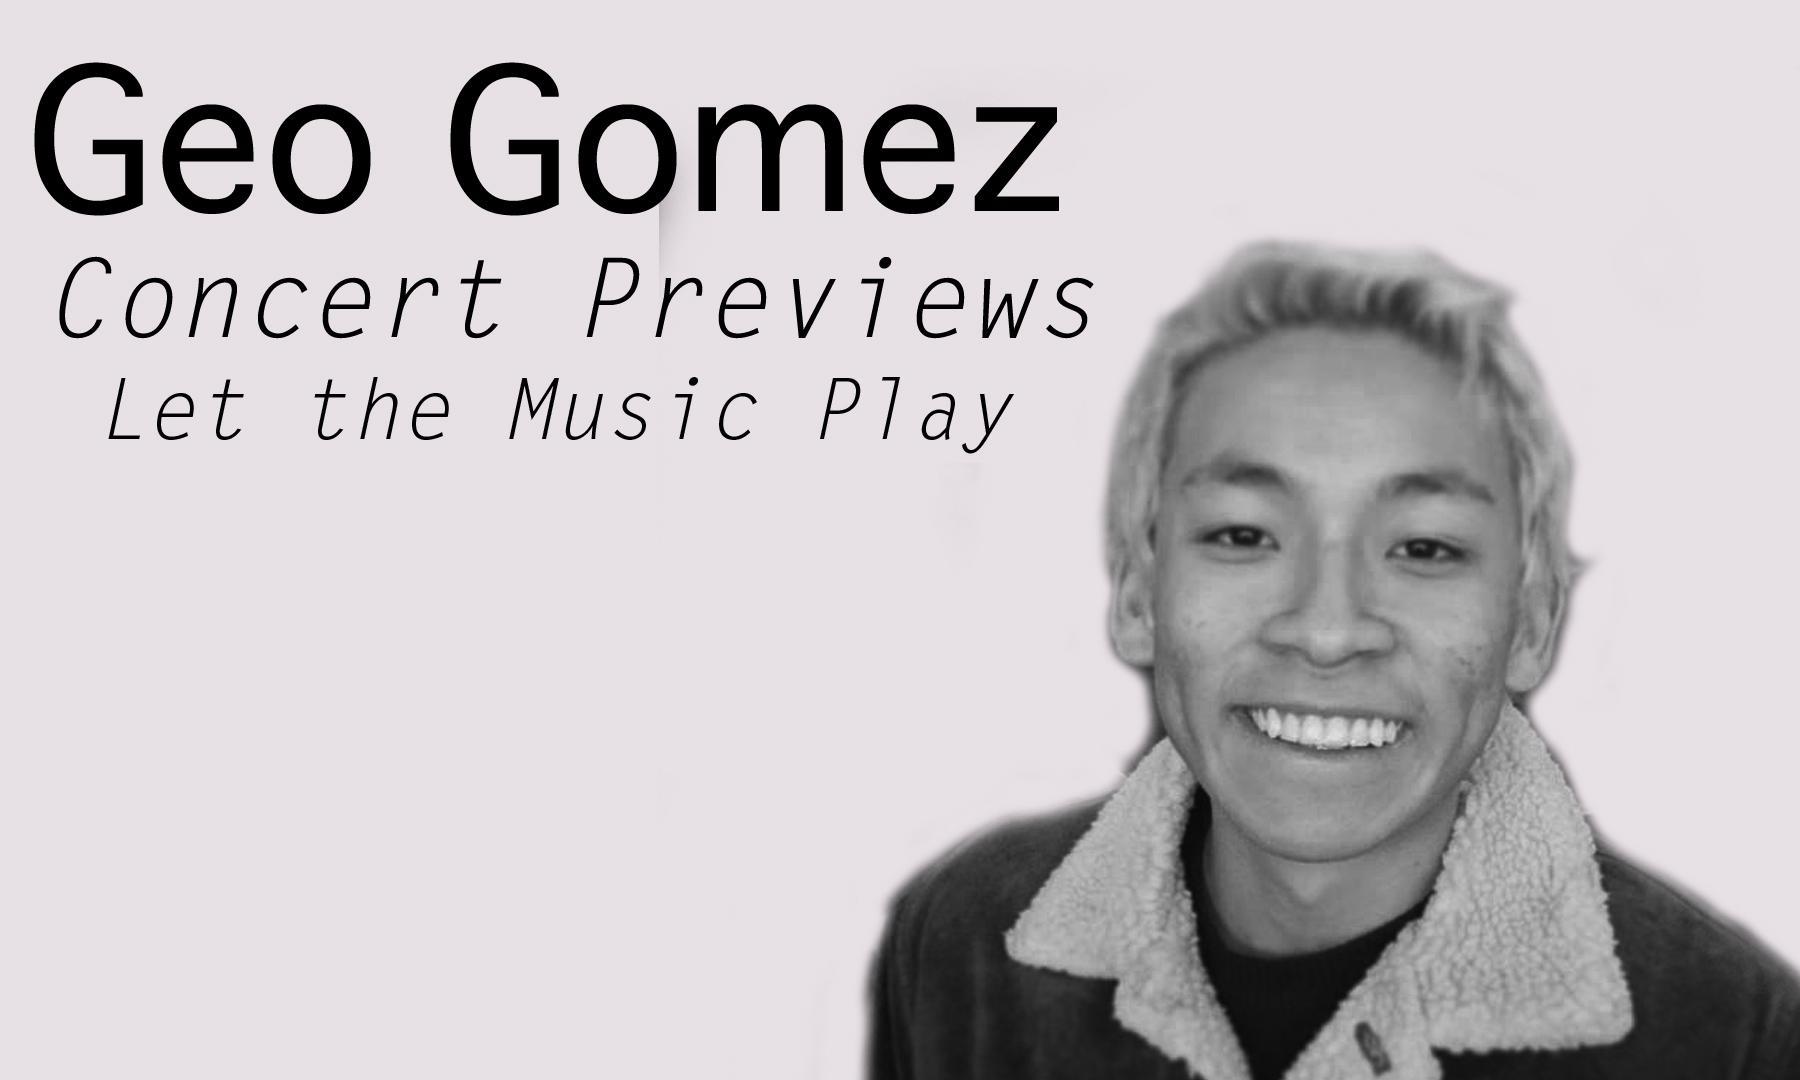 Geo Gomez